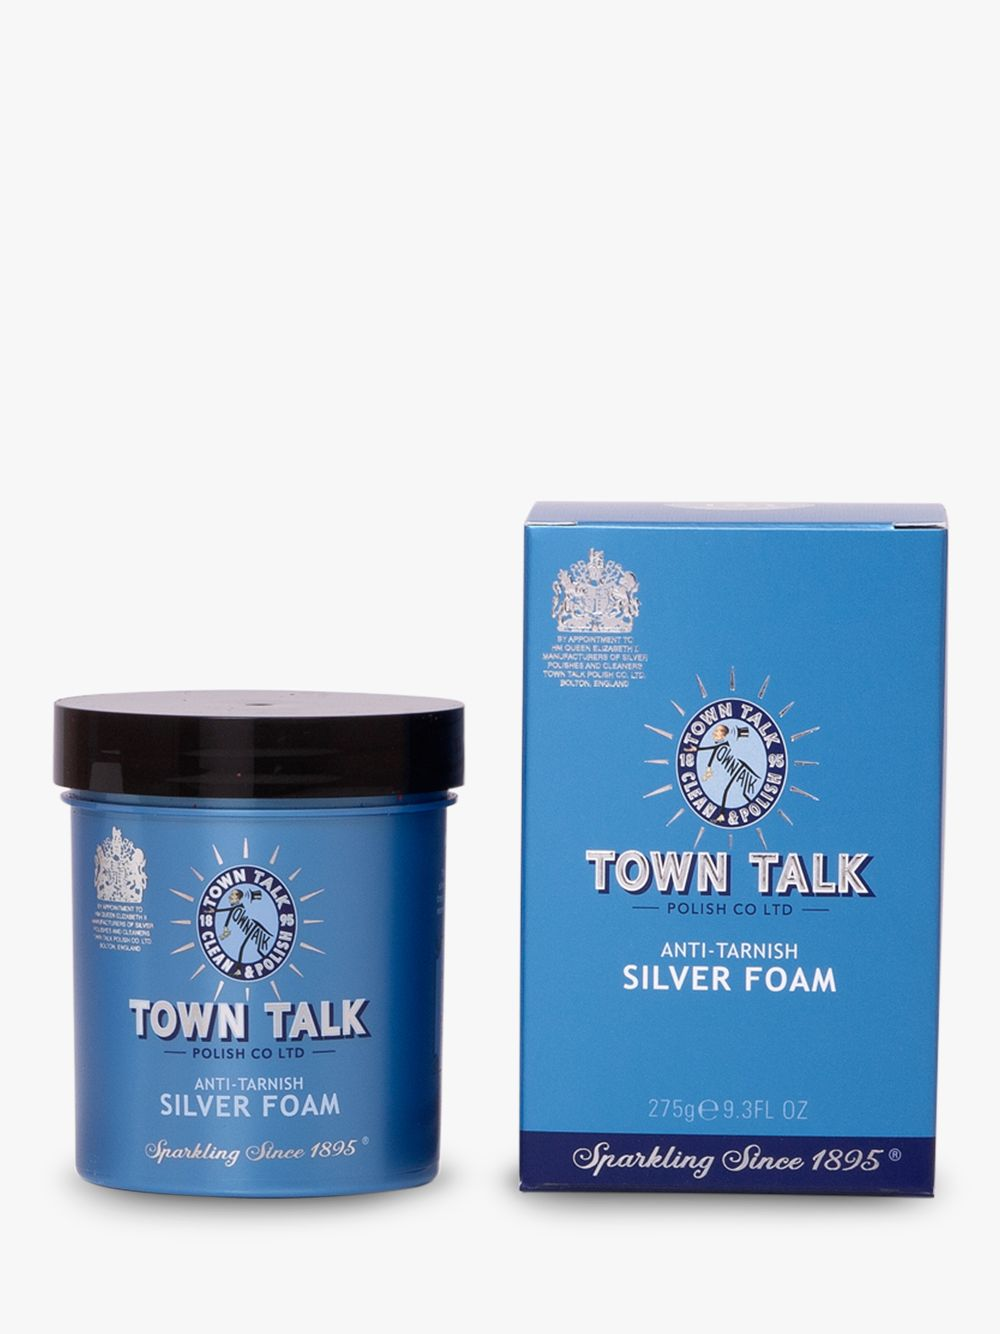 Town Talk Town Talk Anti Tarnish Silver Foam, 275g